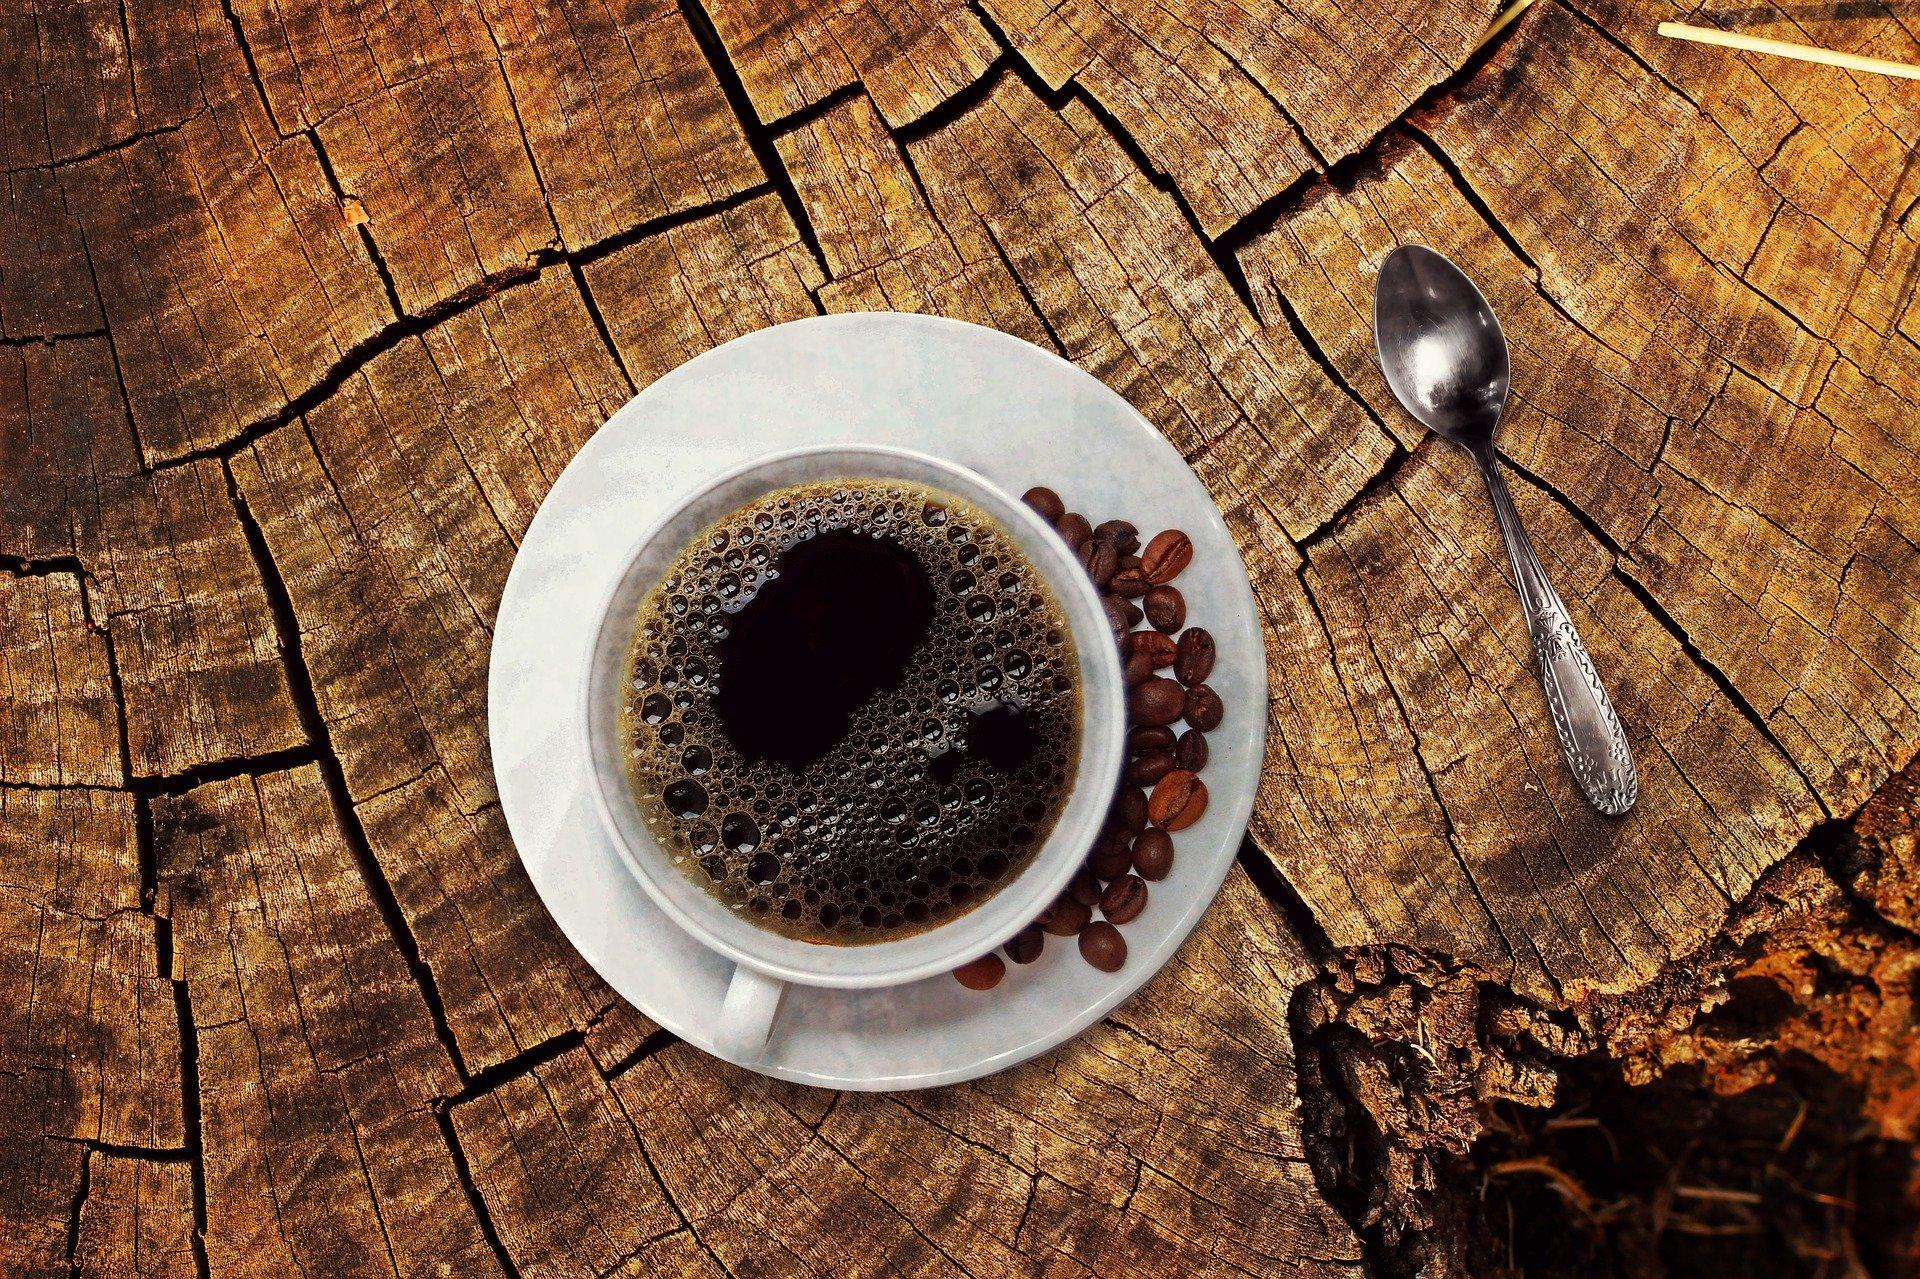 Op zoek naar genot in een kopje koffie